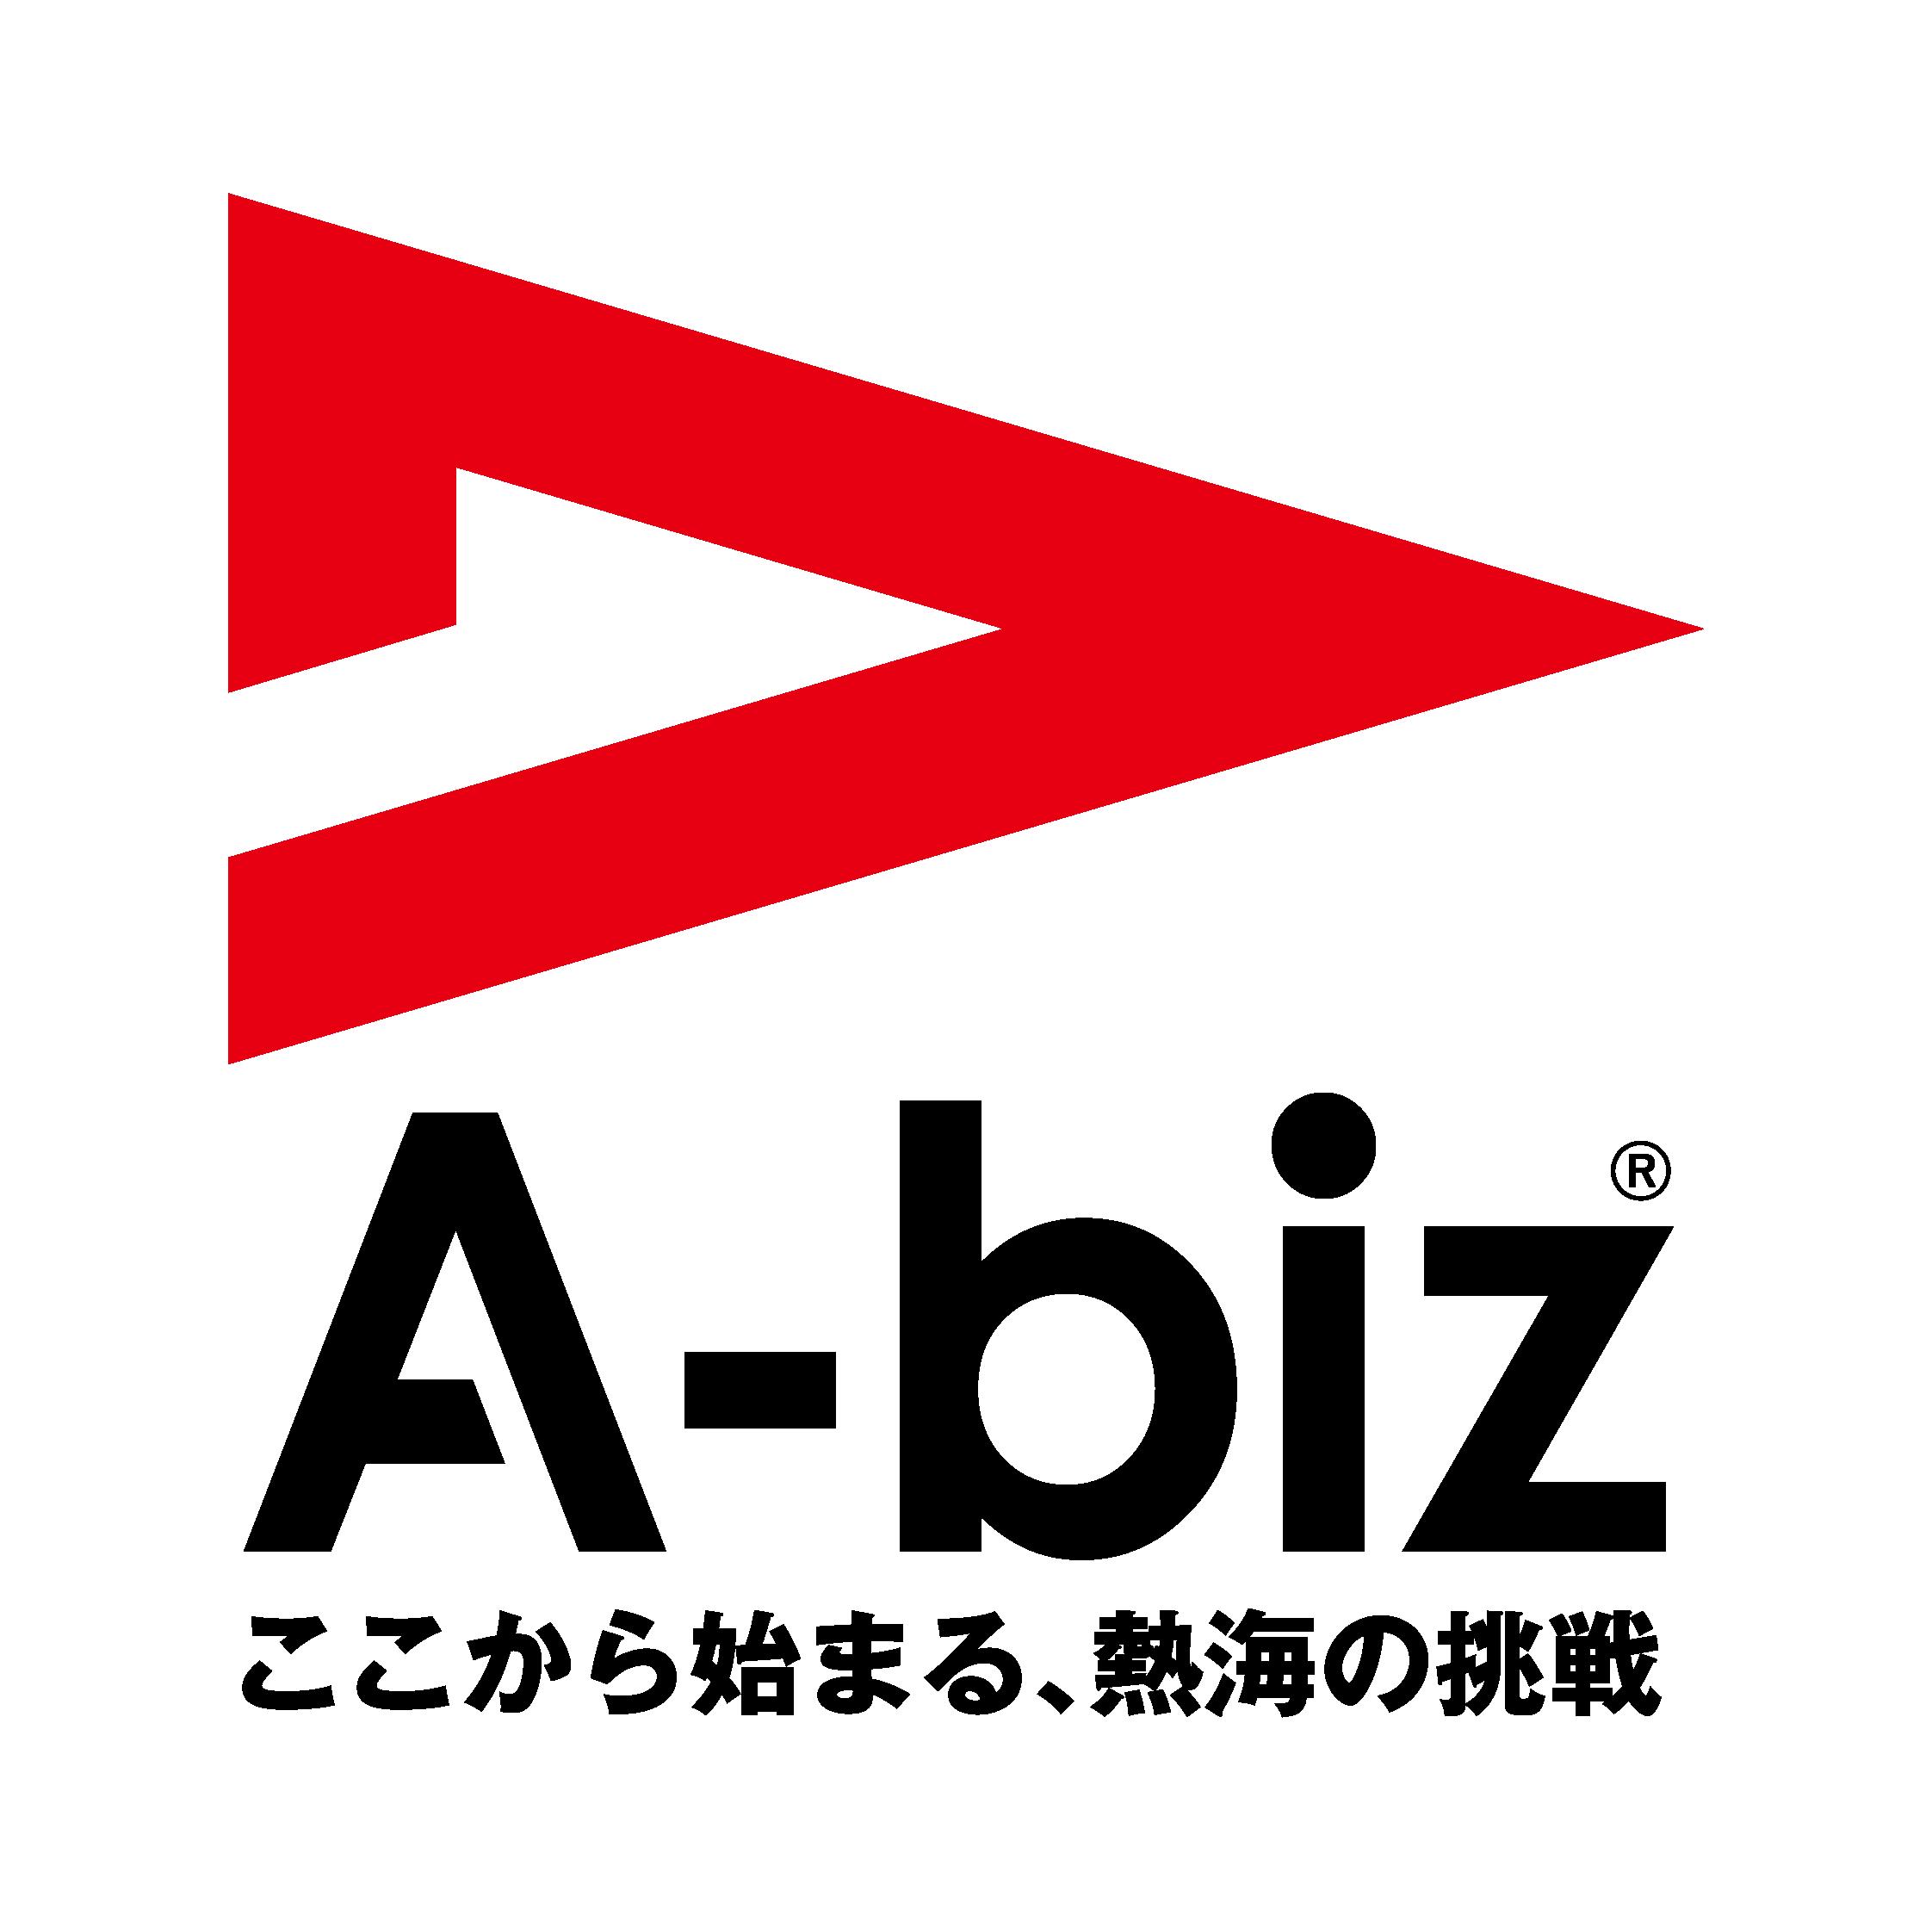 熱海市チャレンジ応援センター(A-biz)のロゴ